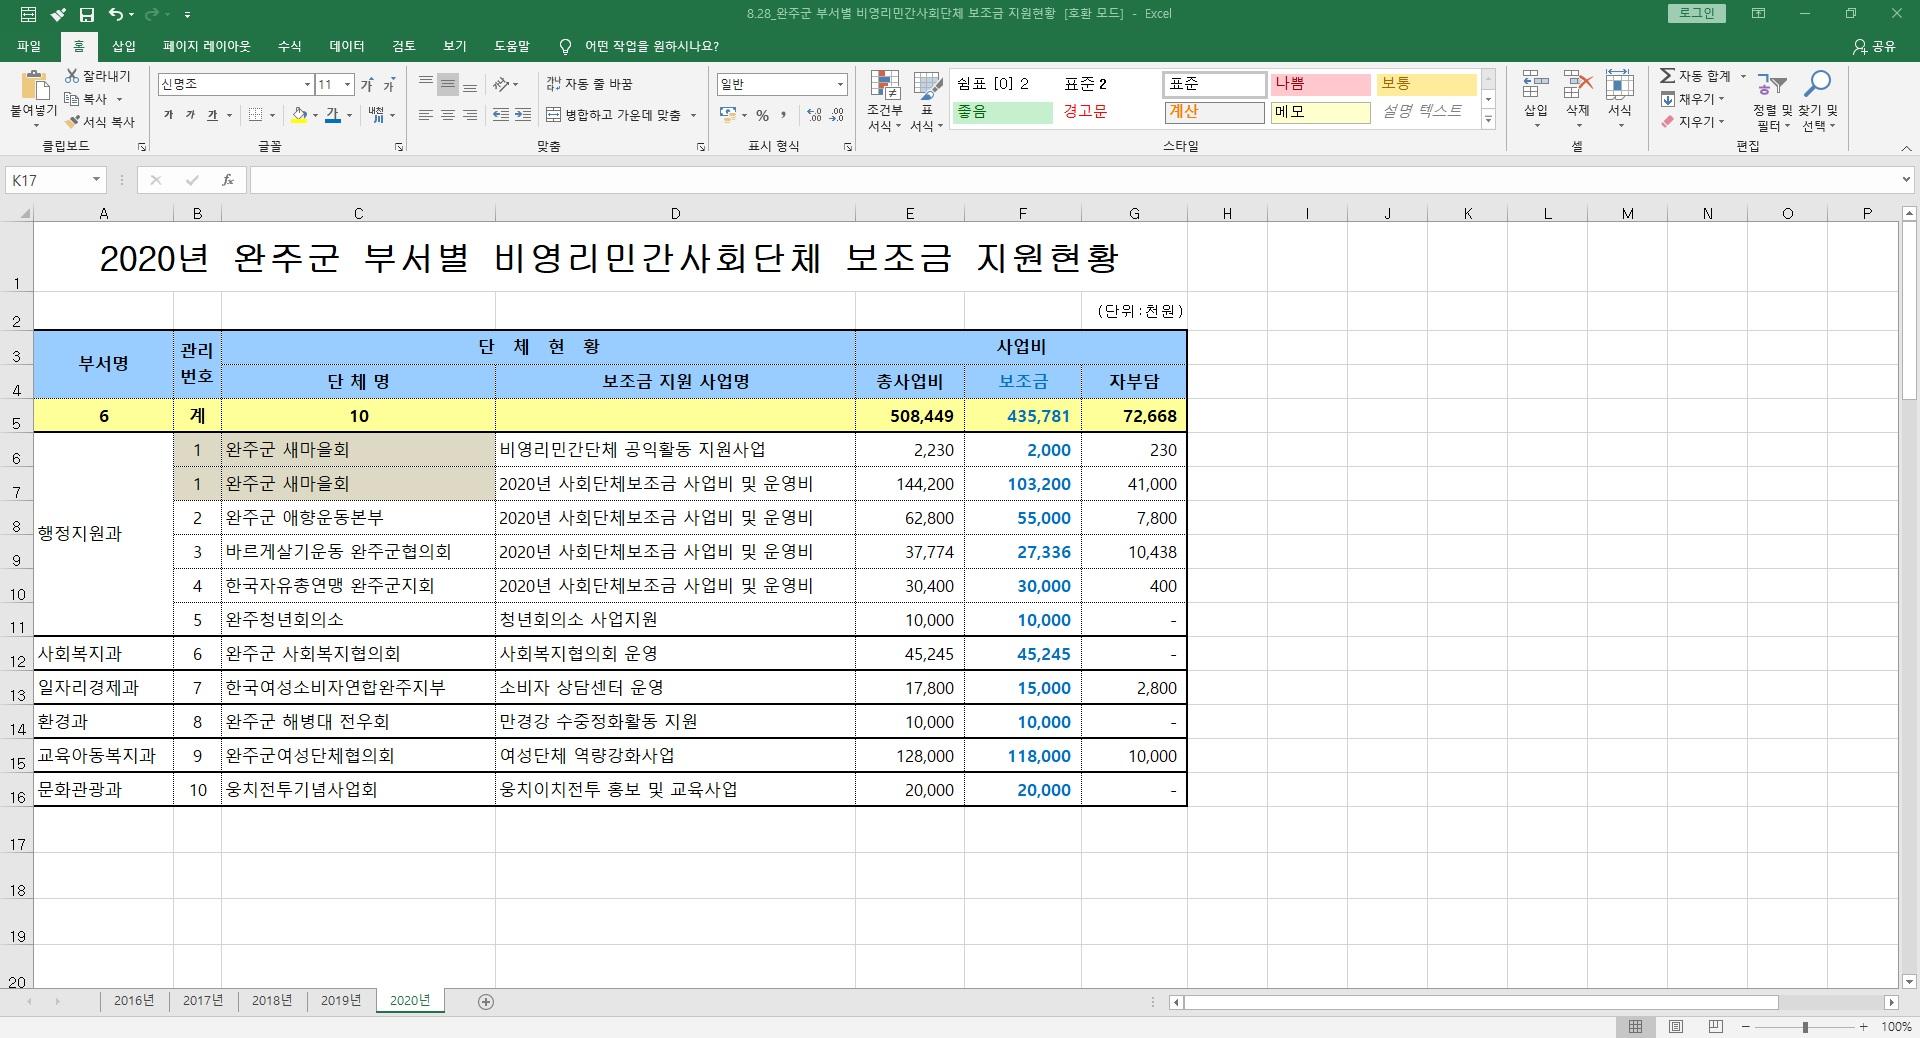 8.28_20.8.19_완주군 부서별 비영리민간사회단체 보조금 지원현황.jpg